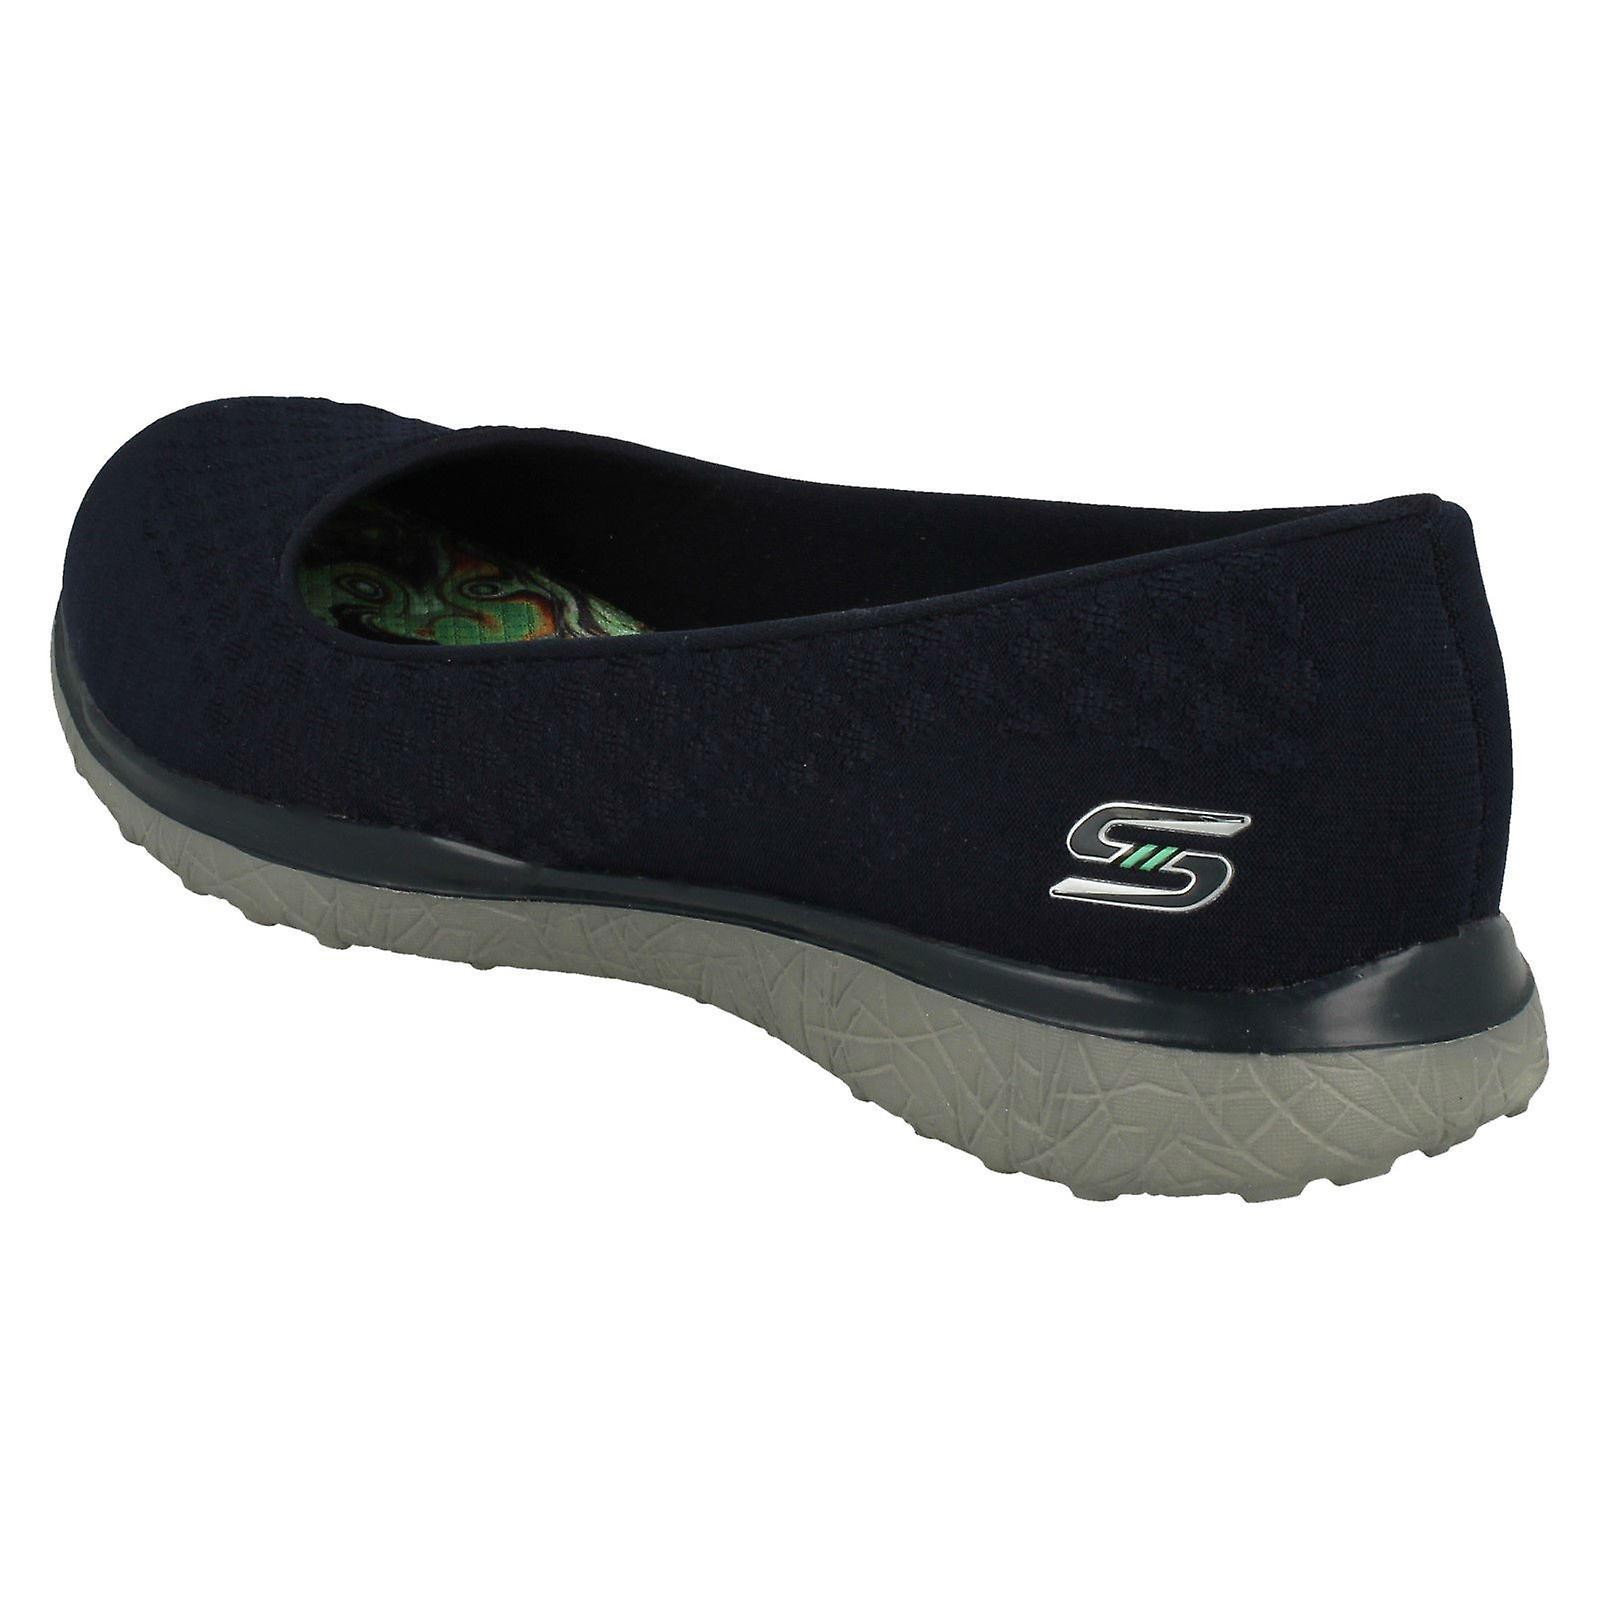 memory foam in shoes